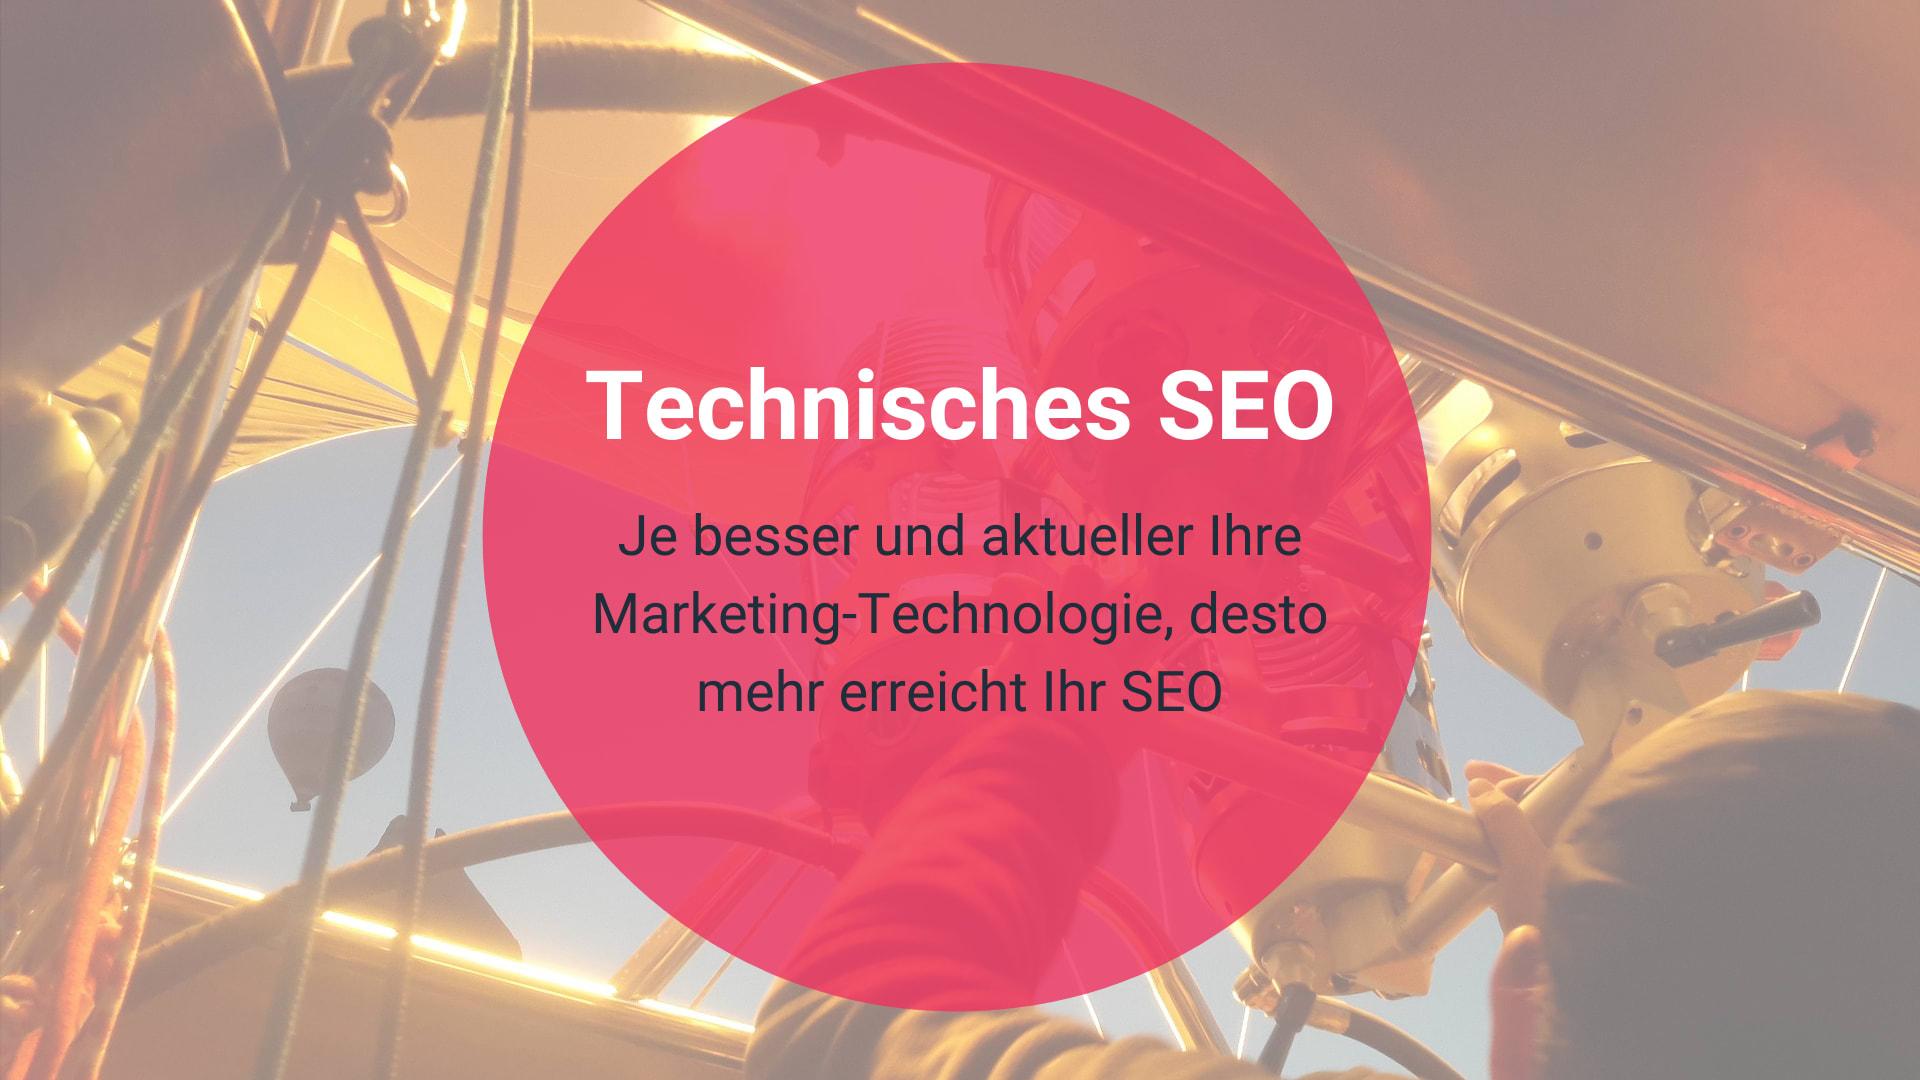 Technisches SEO